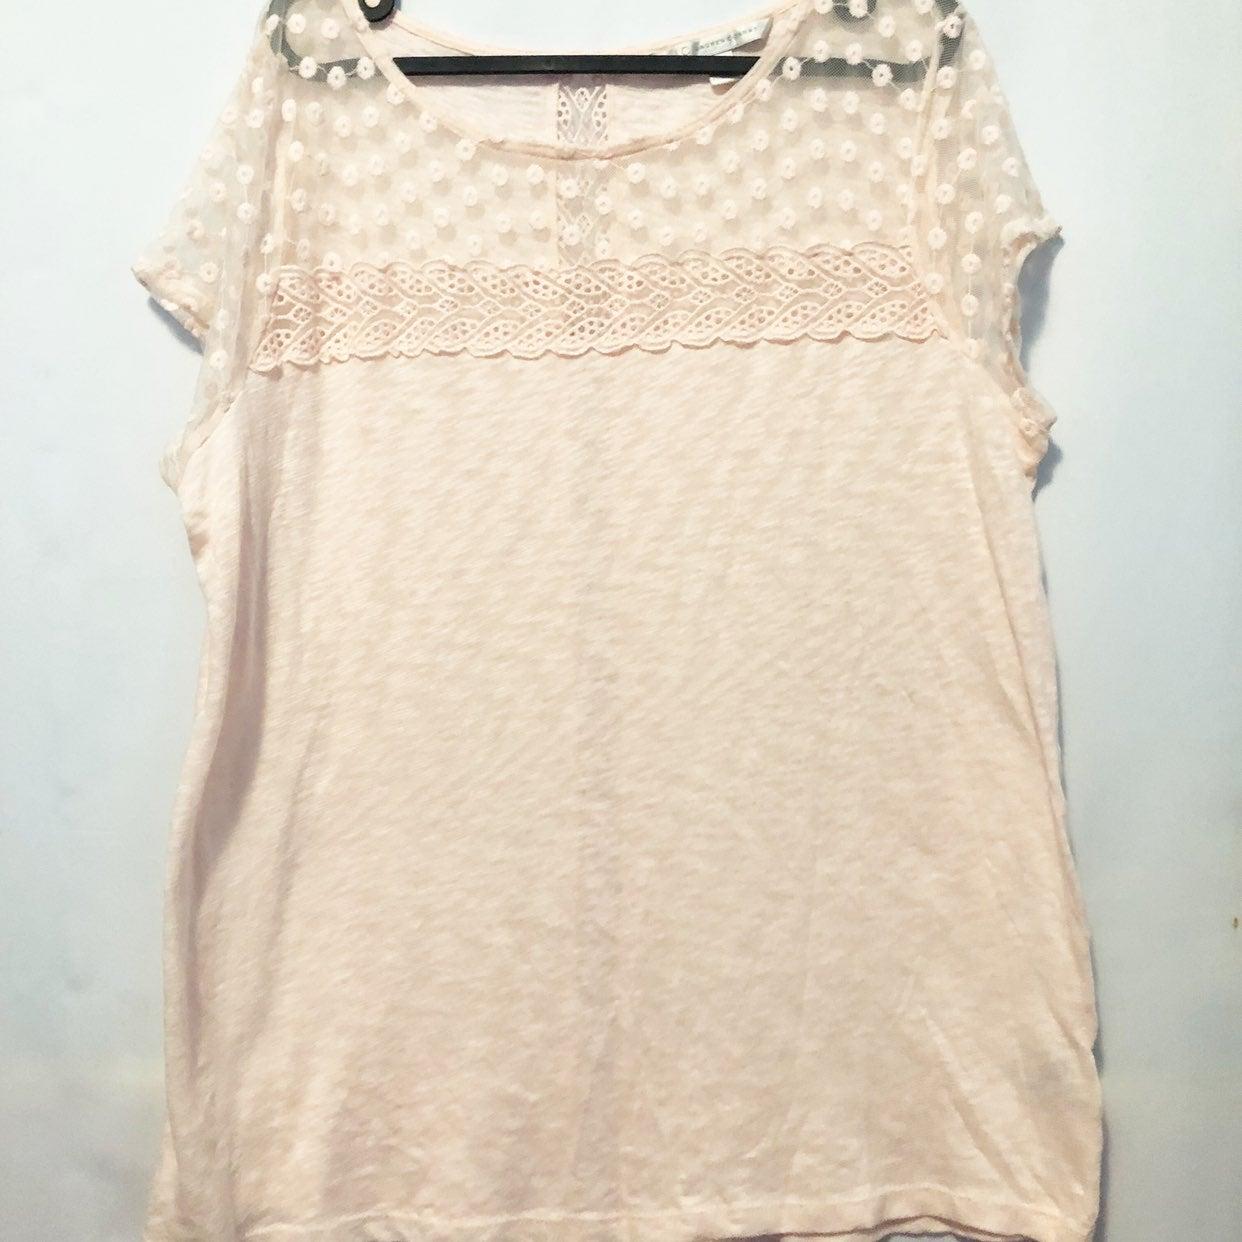 LC Lauren Conrad knit lace top